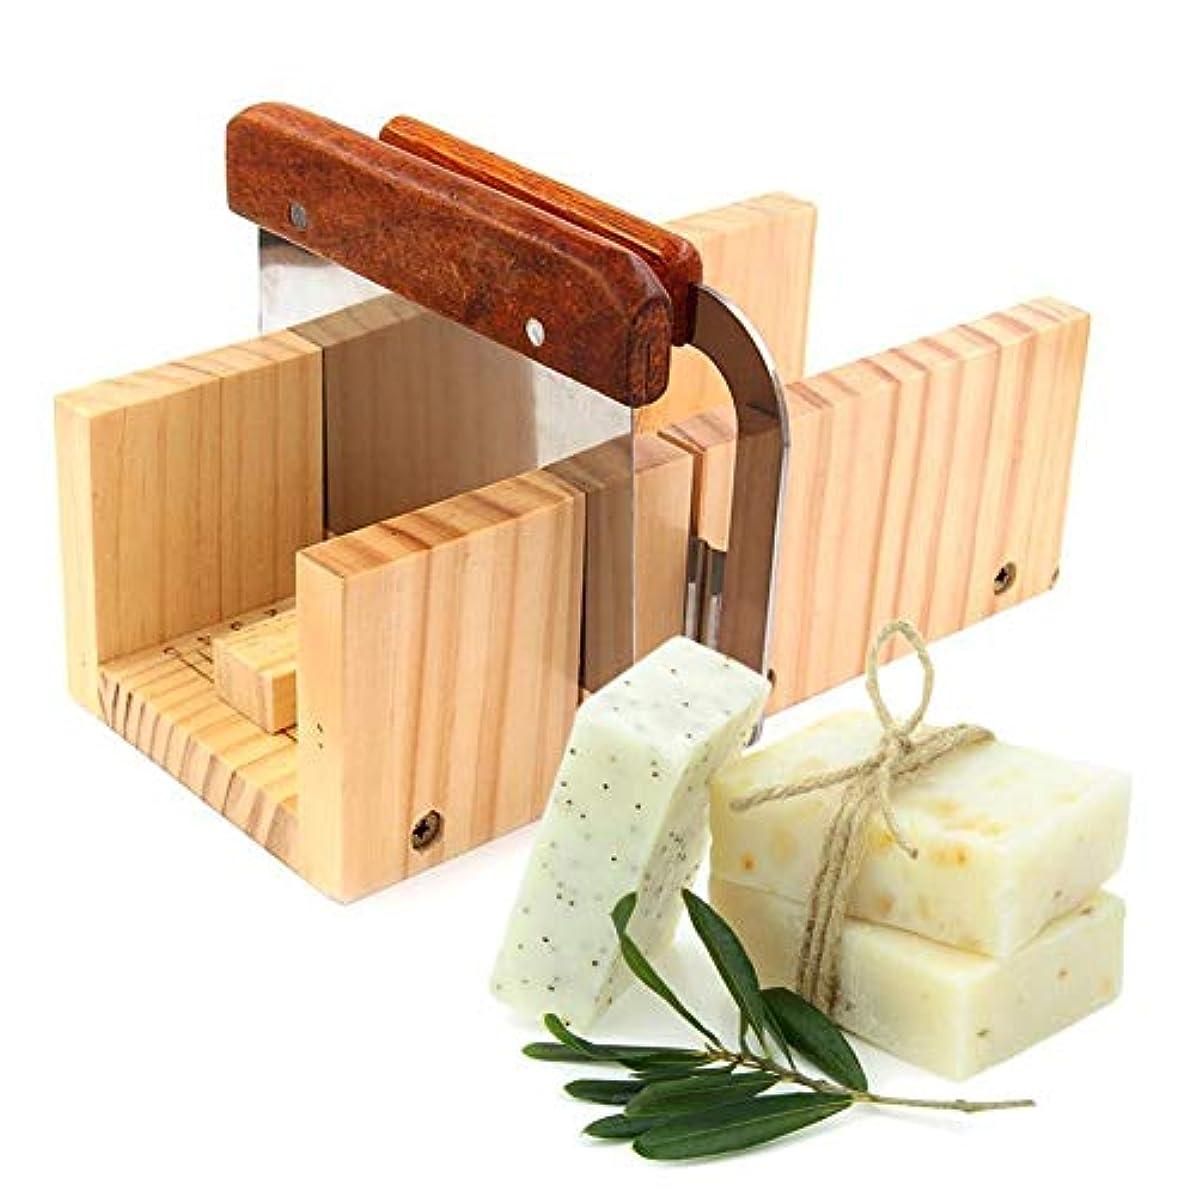 仕えるダルセットきらきらRagem ソープカッター 手作り石鹸金型 木製 ローフカッターボックス 調整可能 多機能ソープ切削工具 ストレートプレーニングツール